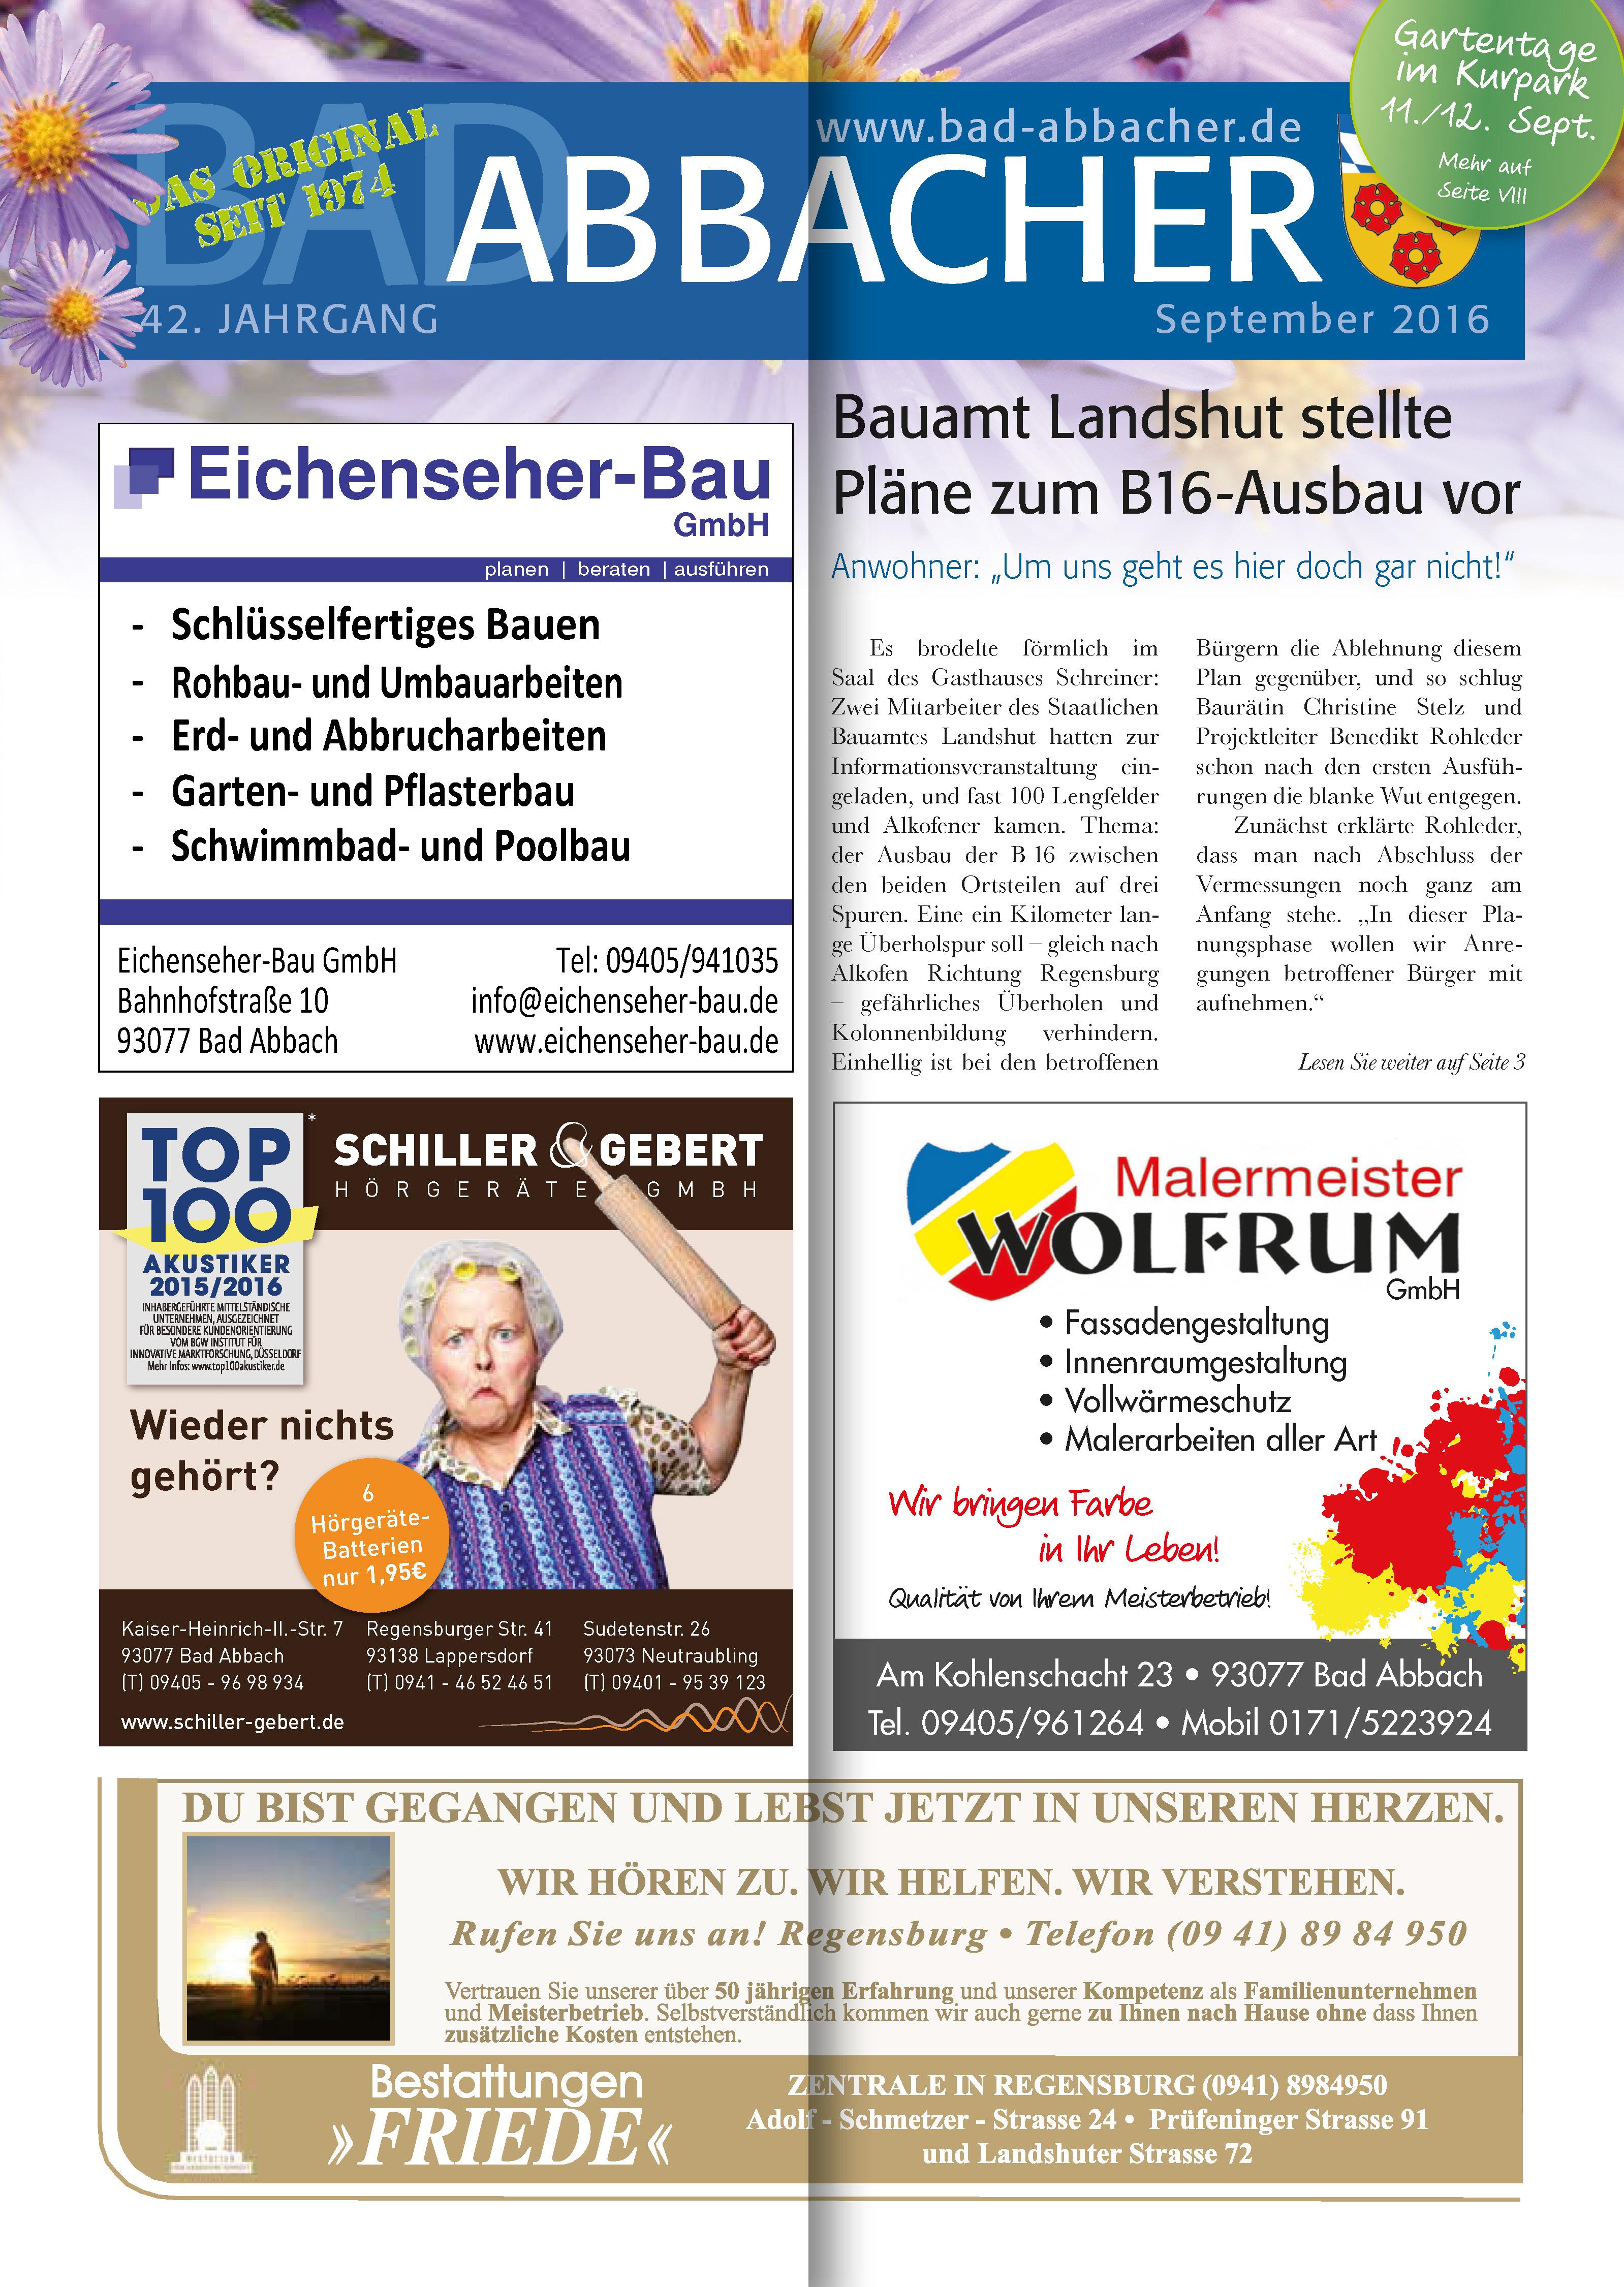 BadAbbacher-09_2016